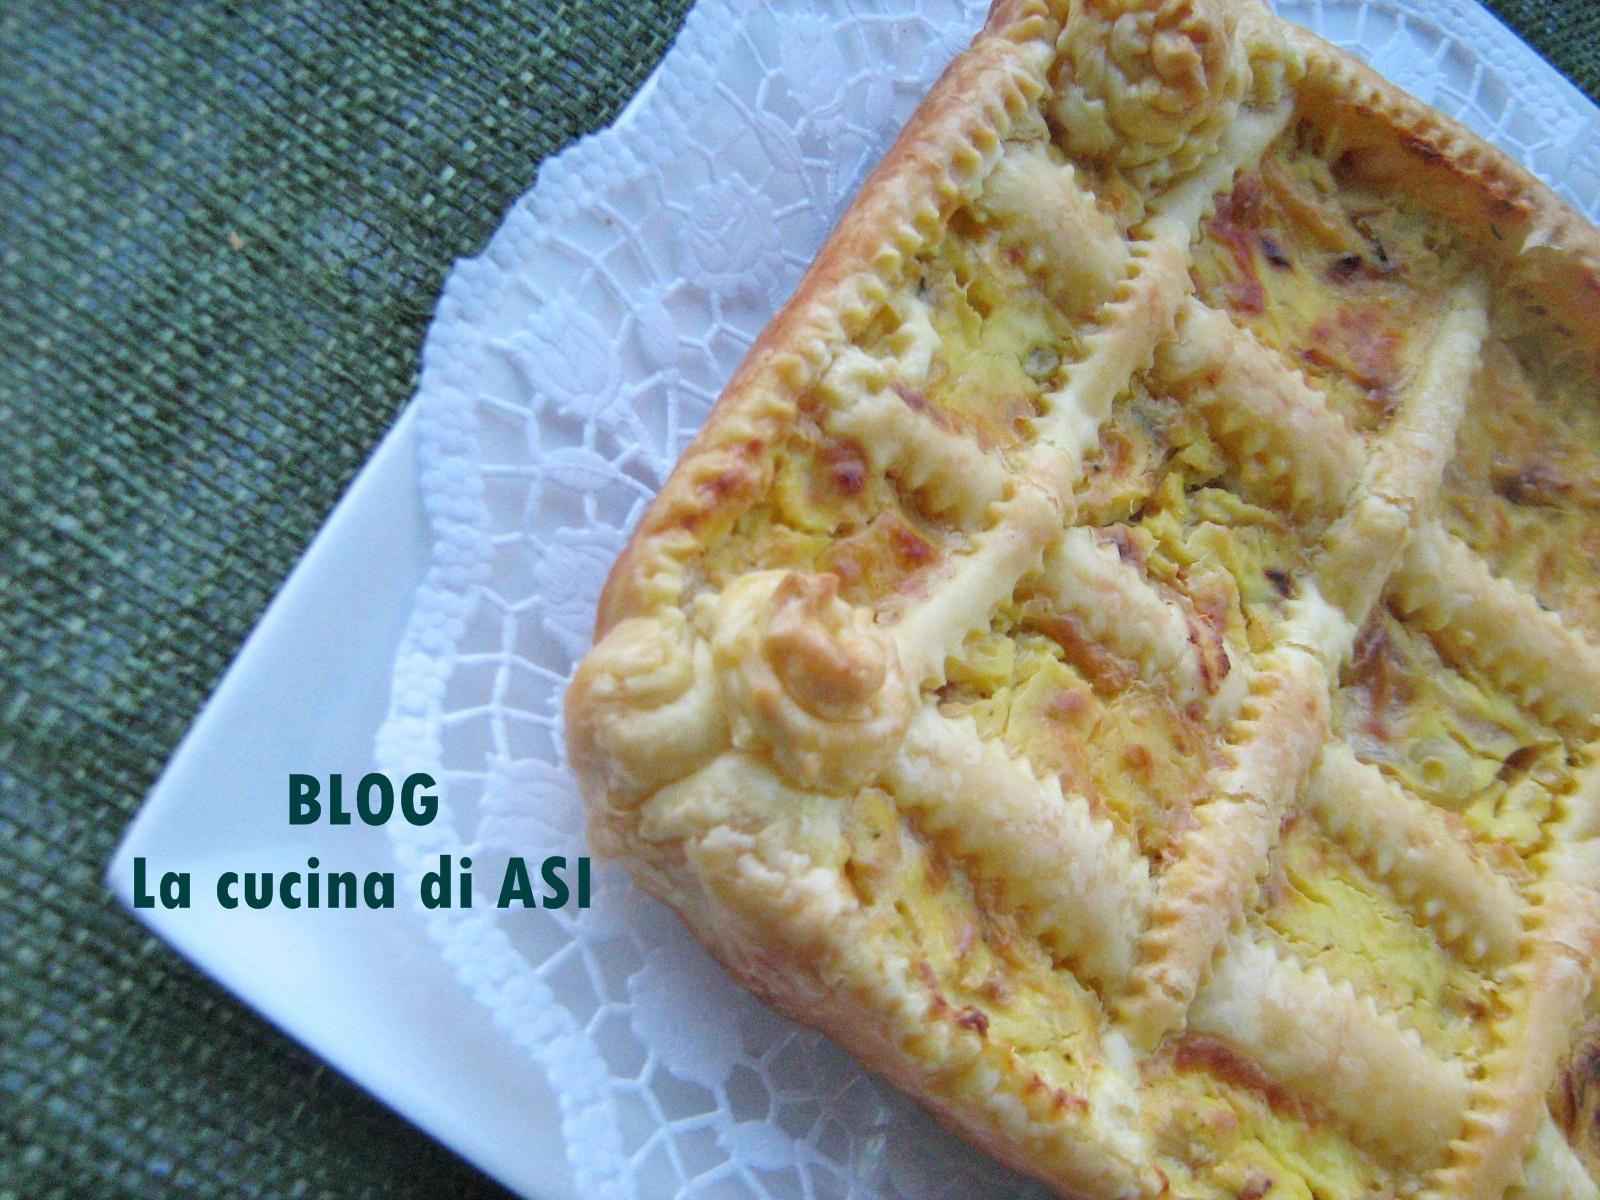 Torta salata con scalogni Lacucina di ASI